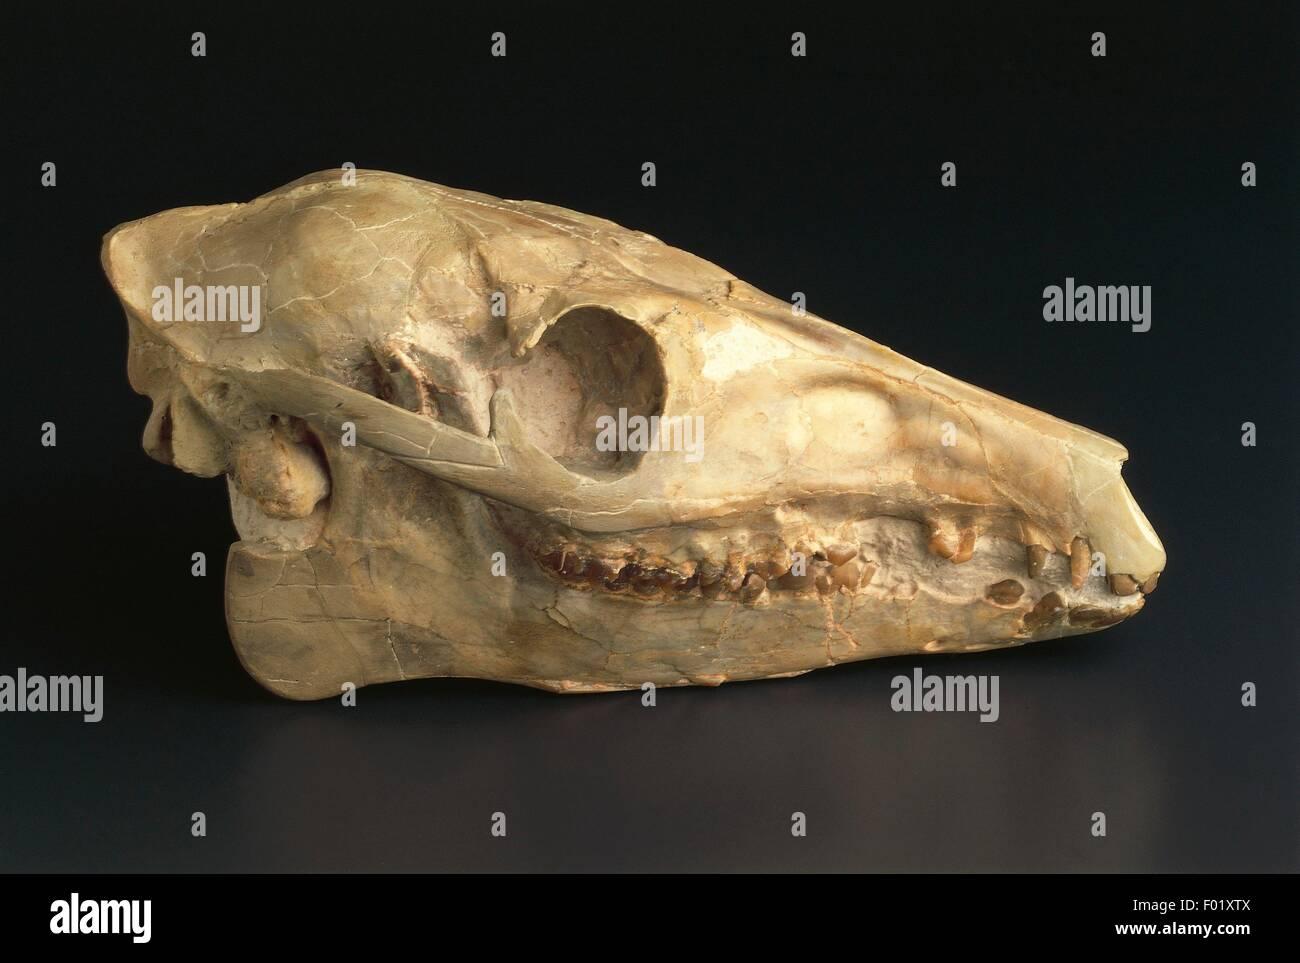 Oligocene Stock Photos & Oligocene Stock Images - Alamy